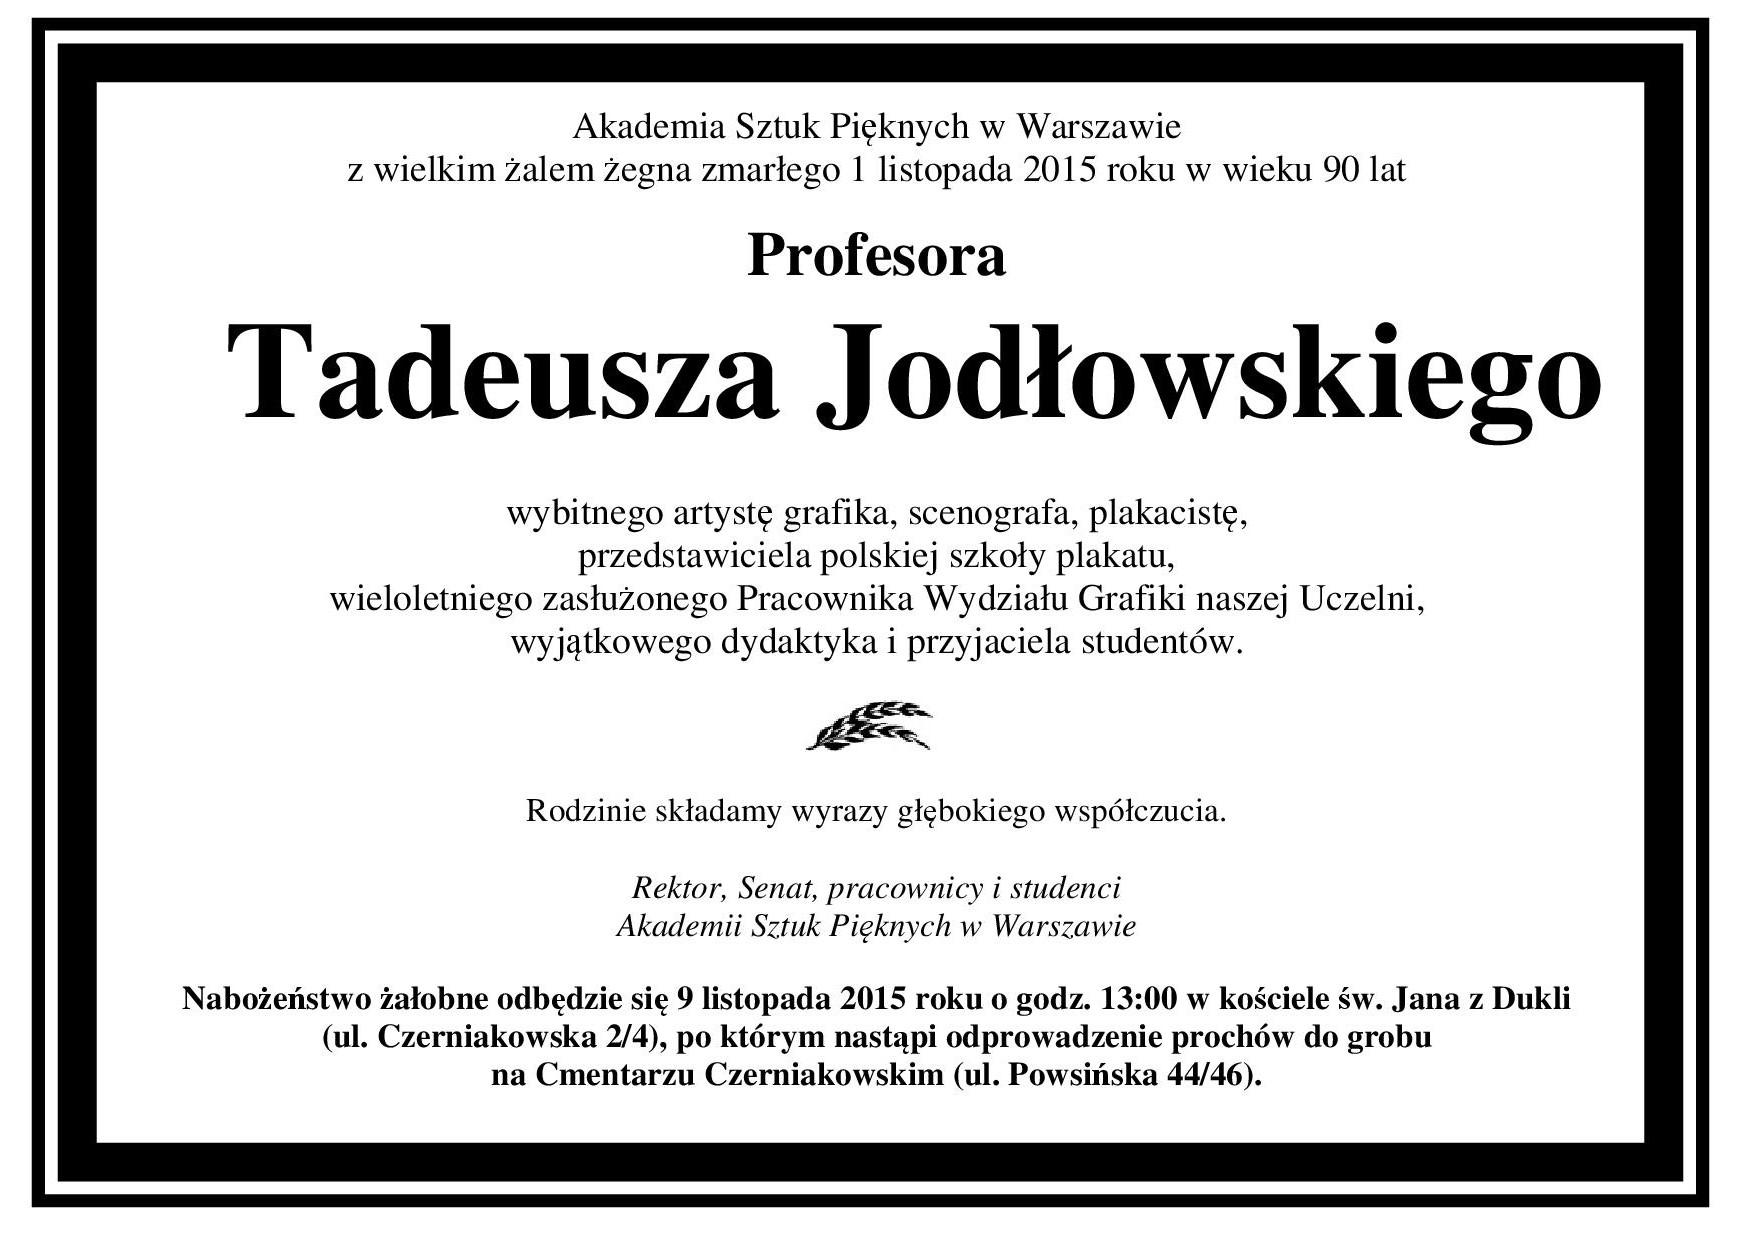 Nekrolog prof. Tadeusz Jodłowski z pogrzebem